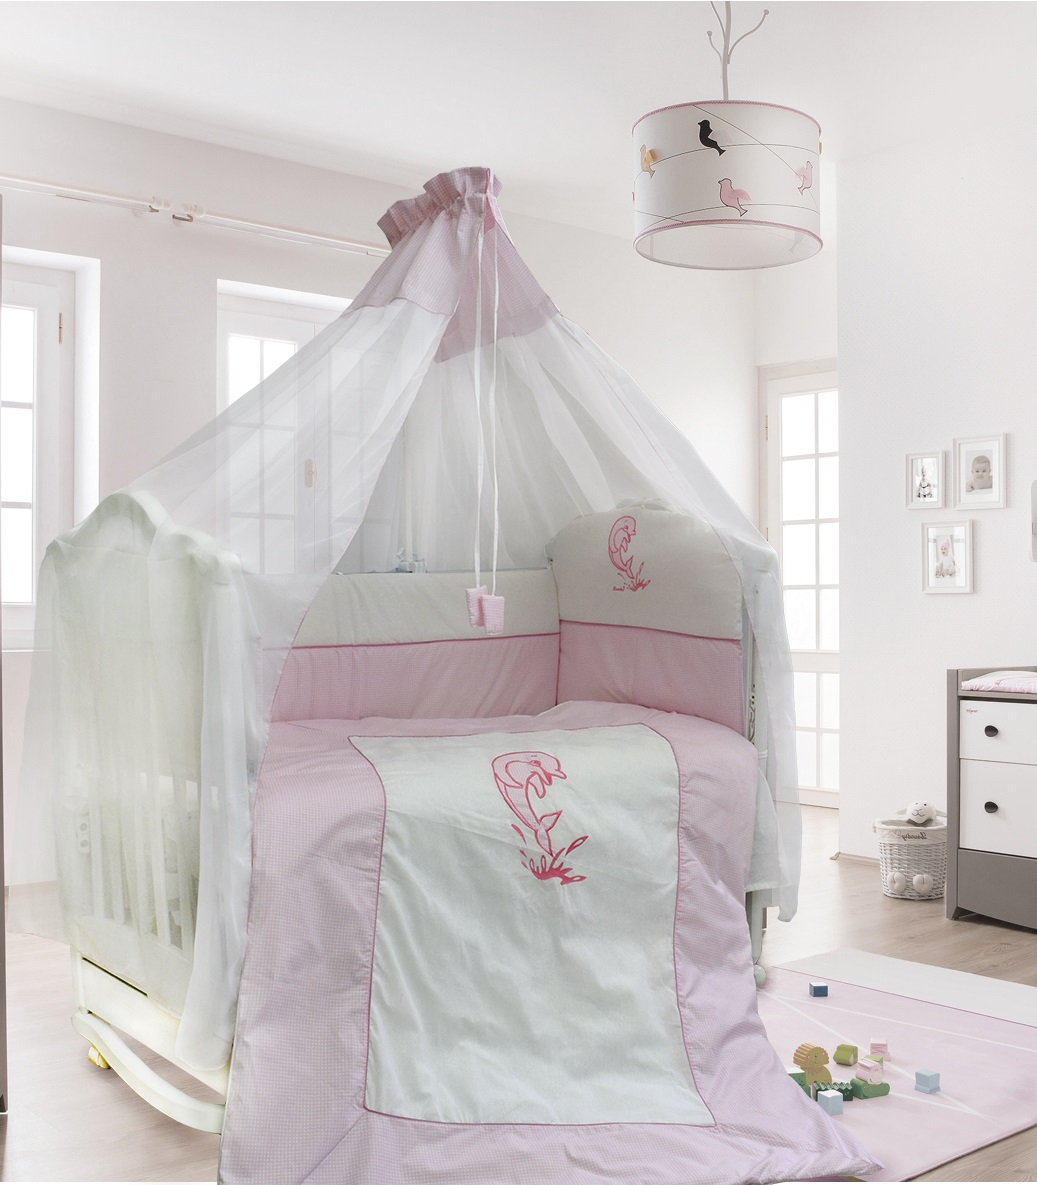 Комплект постельных принадлежностей – Дельфинчик, 7 предметов, цвет - розовыйДетское постельное белье<br>Комплект постельных принадлежностей – Дельфинчик, 7 предметов, цвет - розовый<br>